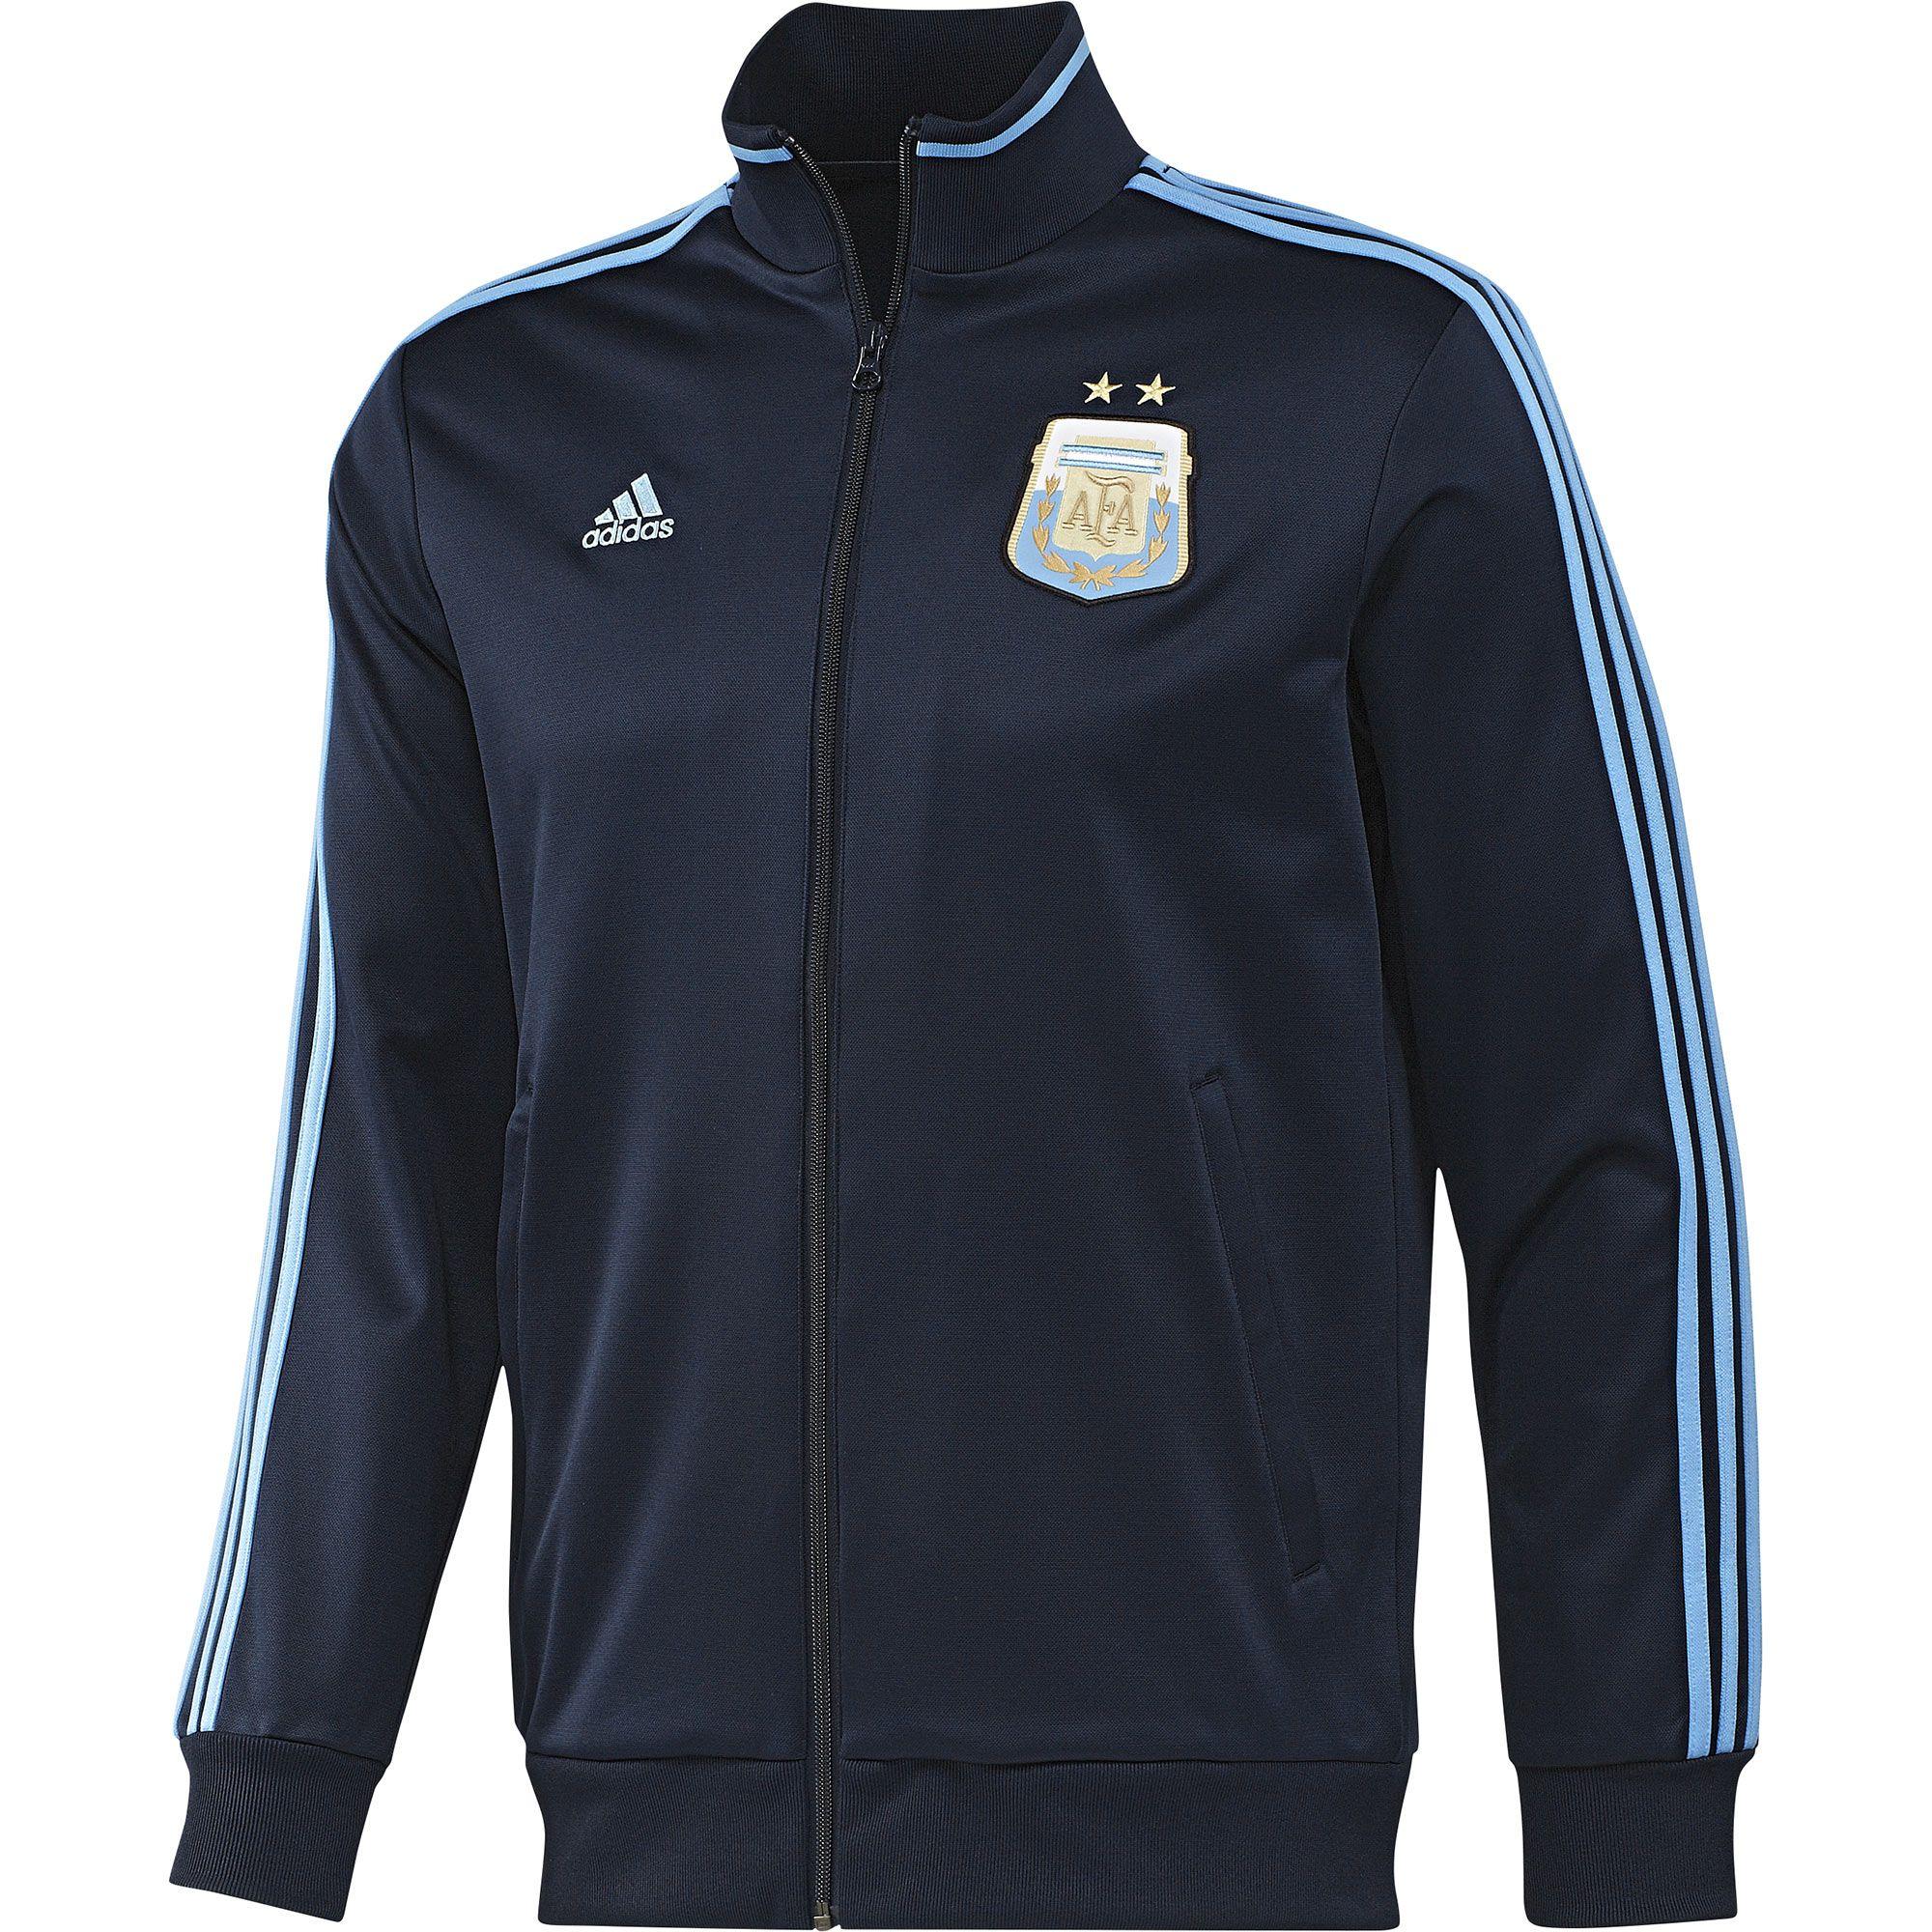 Presta atención a Desfavorable Visualizar  adidas Chaqueta de Sudadera Selección Argentina | adidas Colombia | Adidas  chaqueta, Adidas para hombres, Chaquetas rojas